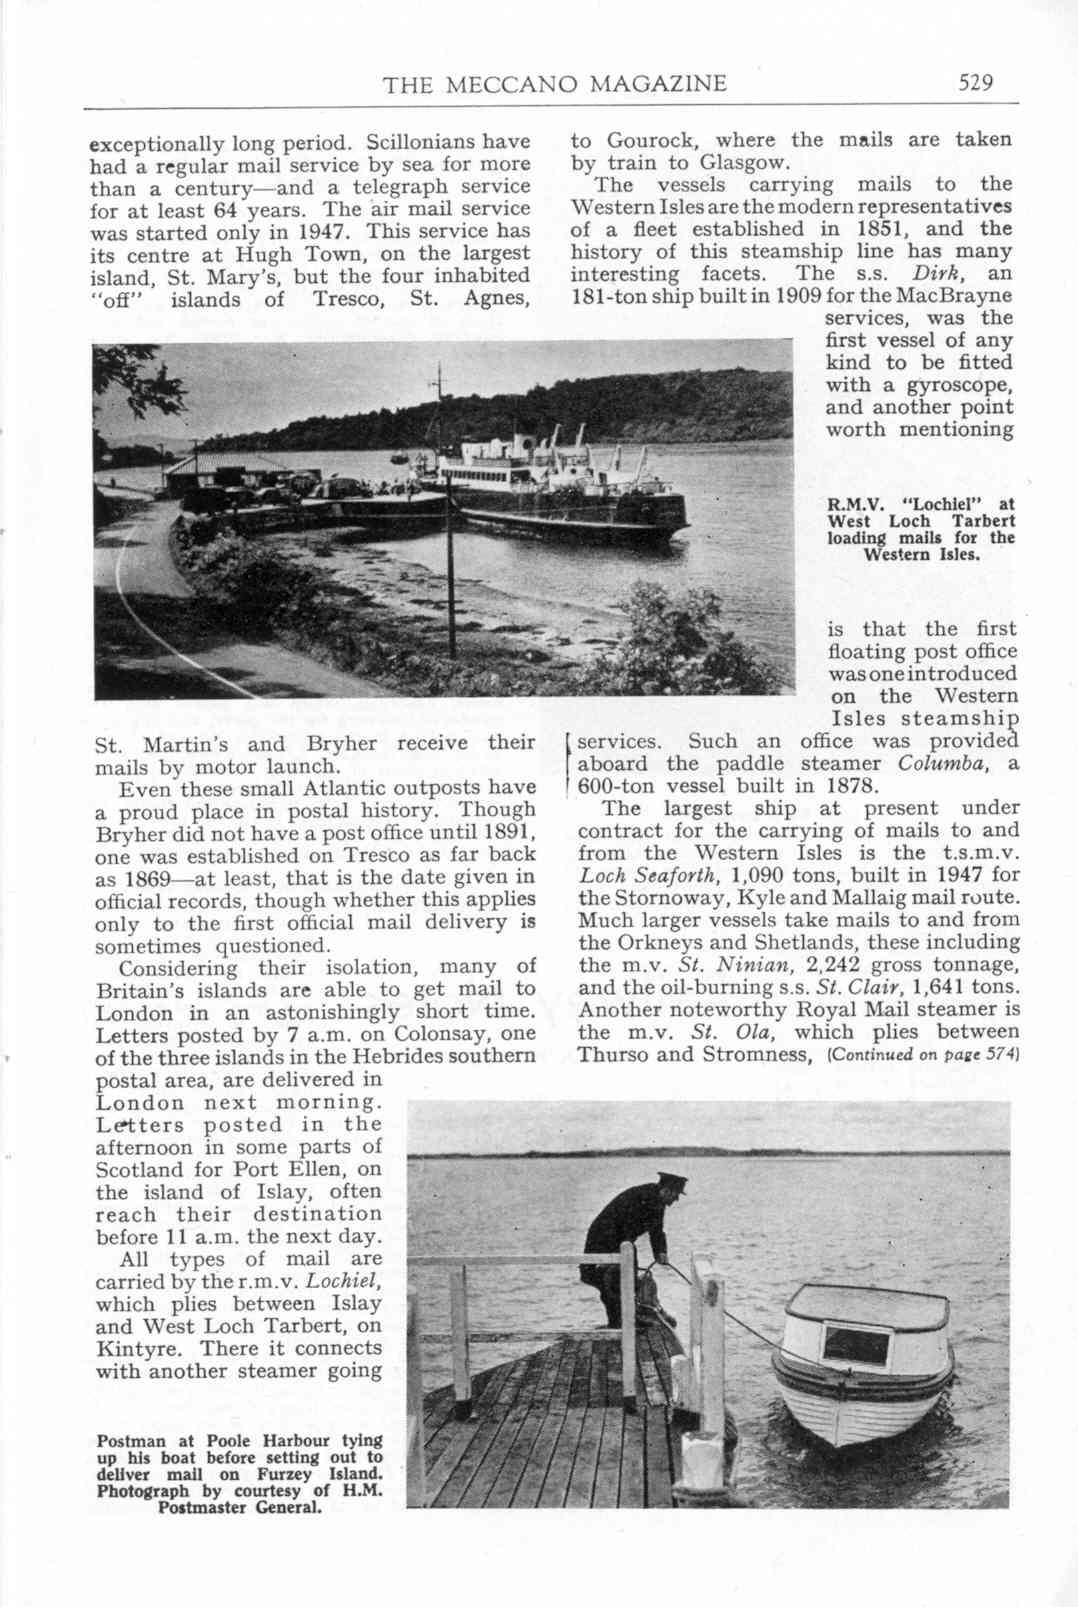 UK Meccano Magazine October 1955 Page 529